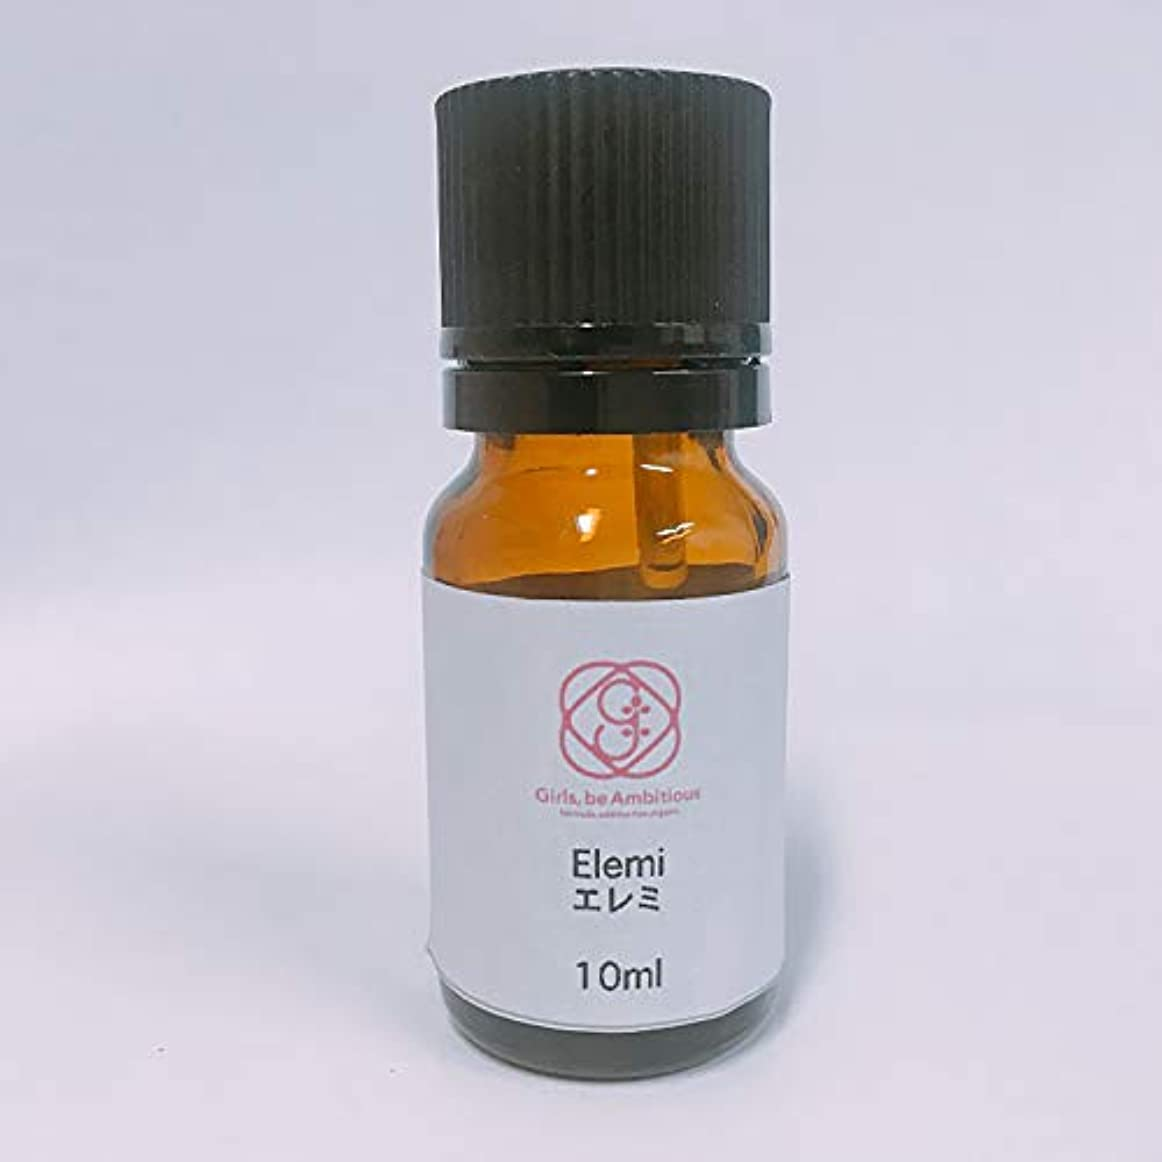 小競り合いから役に立つエレミオイル(ELEMI OIL)10ml